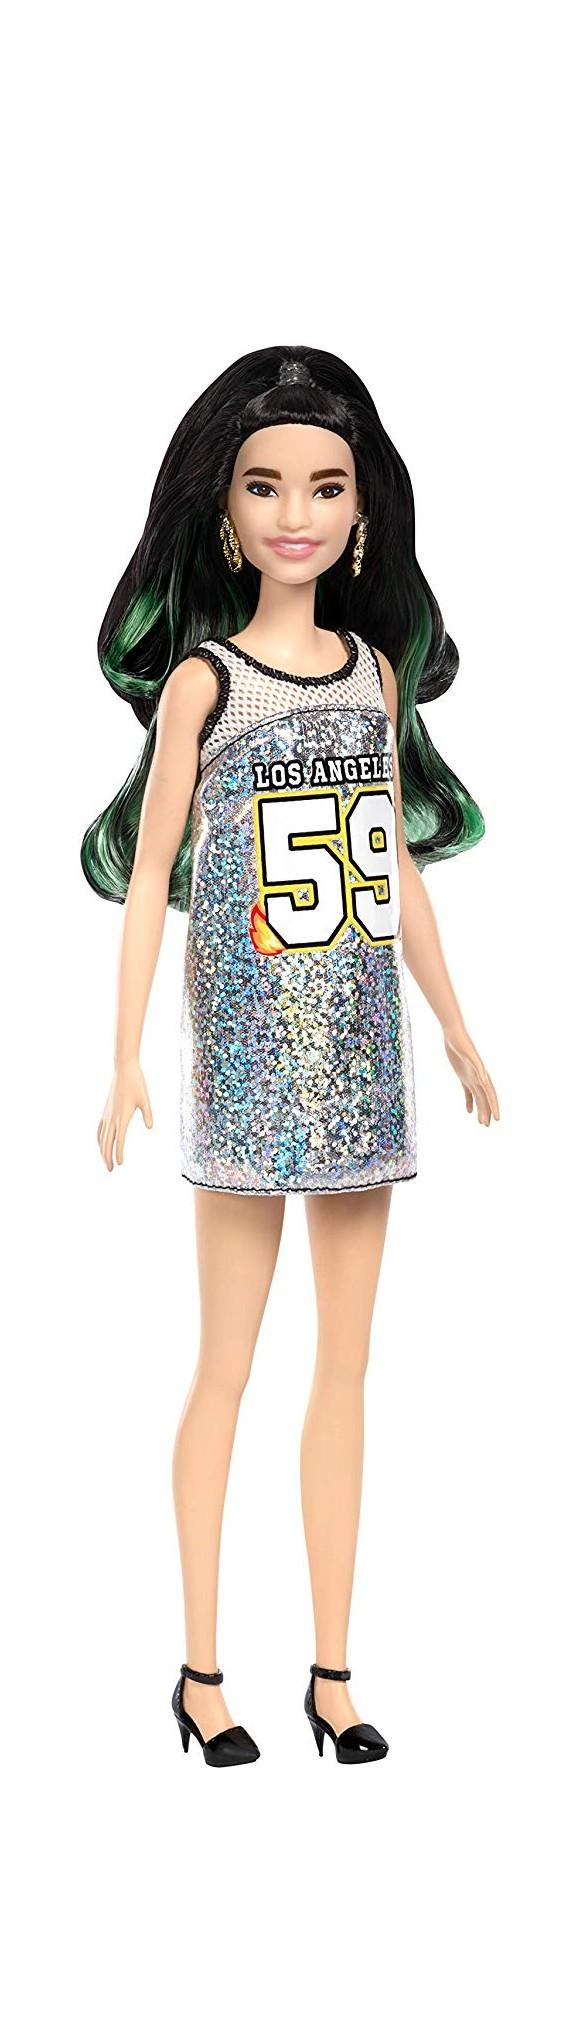 Barbie - Fashionistas - - Los Angeles Kjole - Sort/Grønt Hår